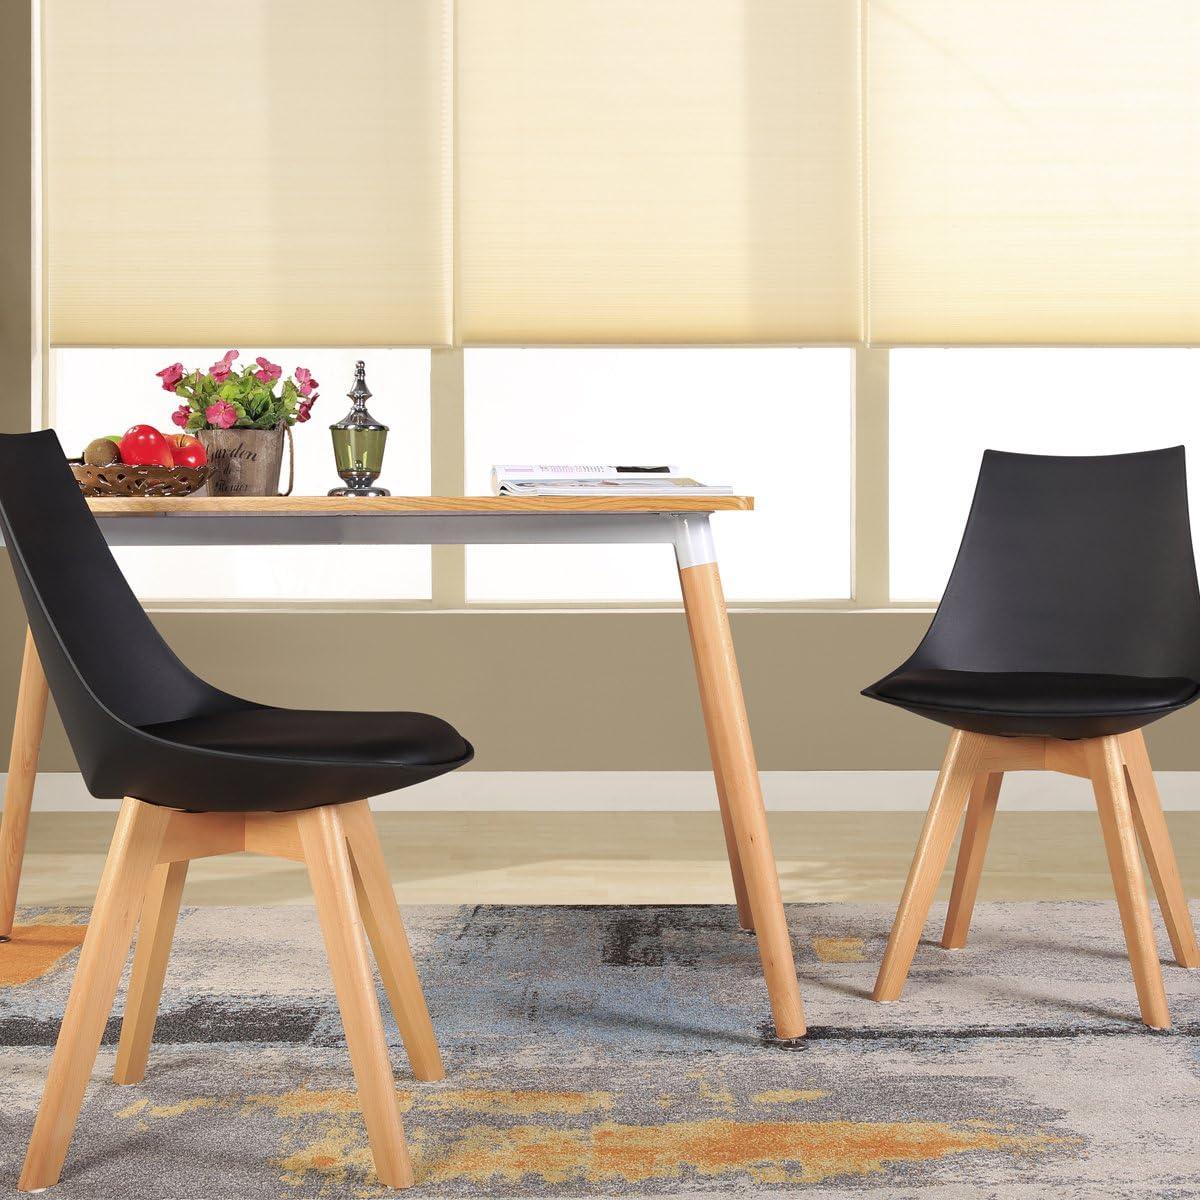 H.J WeDoo Set de 2 sillas de Comedor escandinava Gris Acolchado Suave y Madera Haya Estilo nordico